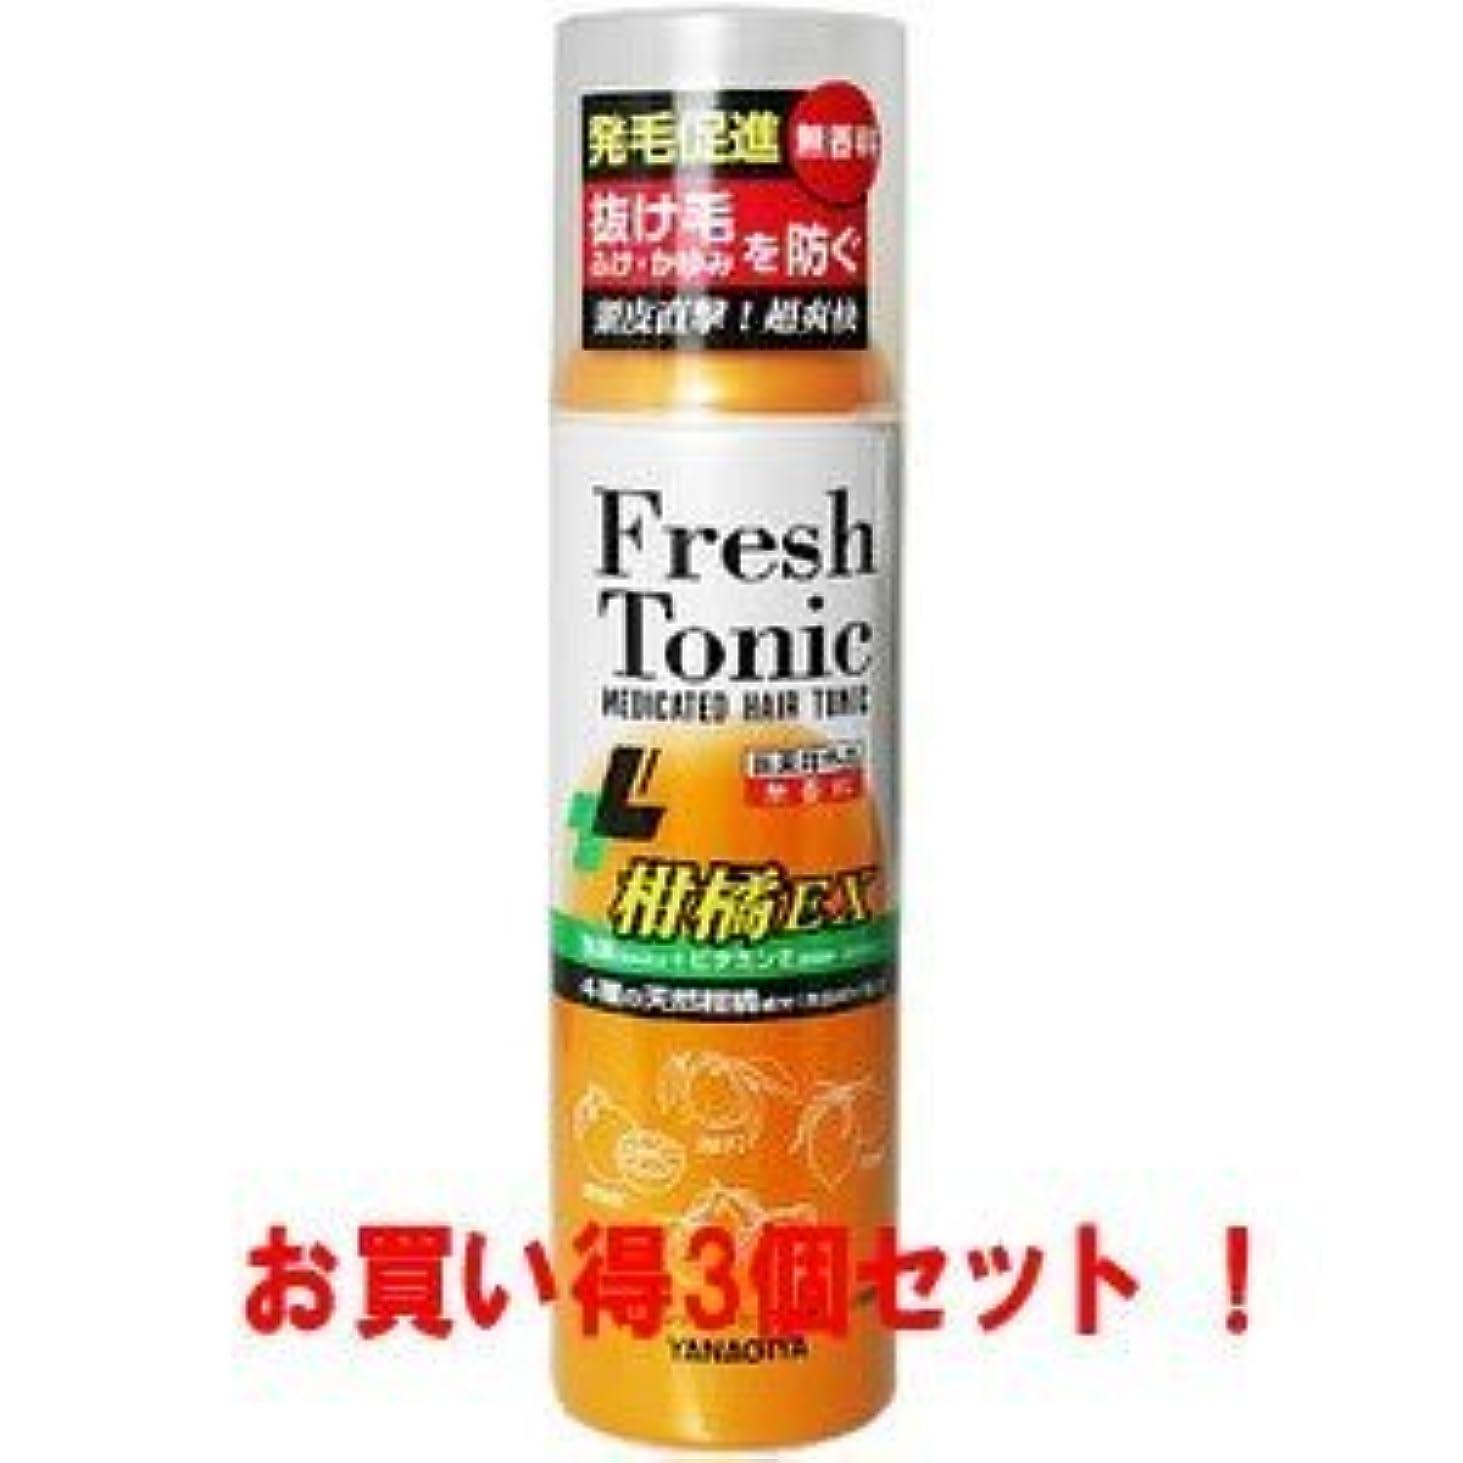 【柳屋本店】薬用育毛 フレッシュトニック 柑橘EX 無香料 190g(医薬部外品)(お買い得3個セット)